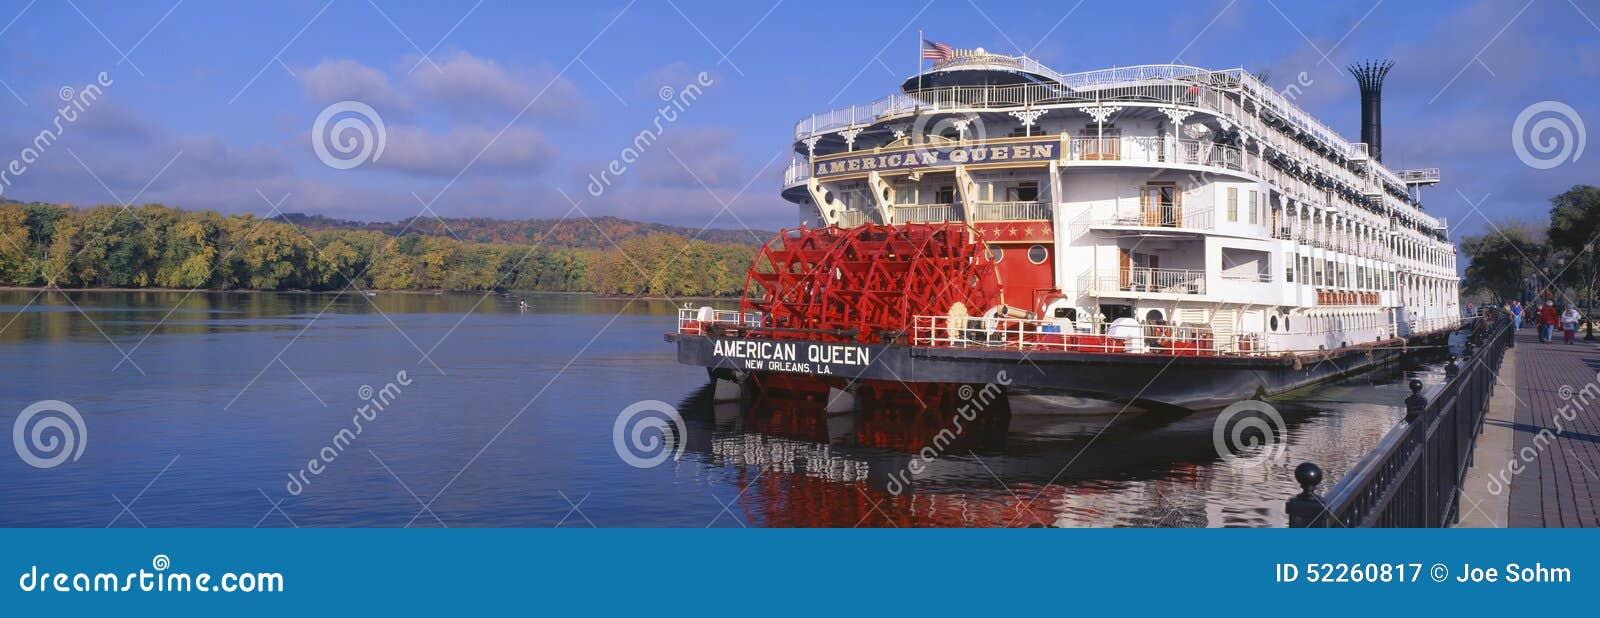 Bateau am ricain de roue aubes de reine sur le fleuve - Bateau sur roues ...